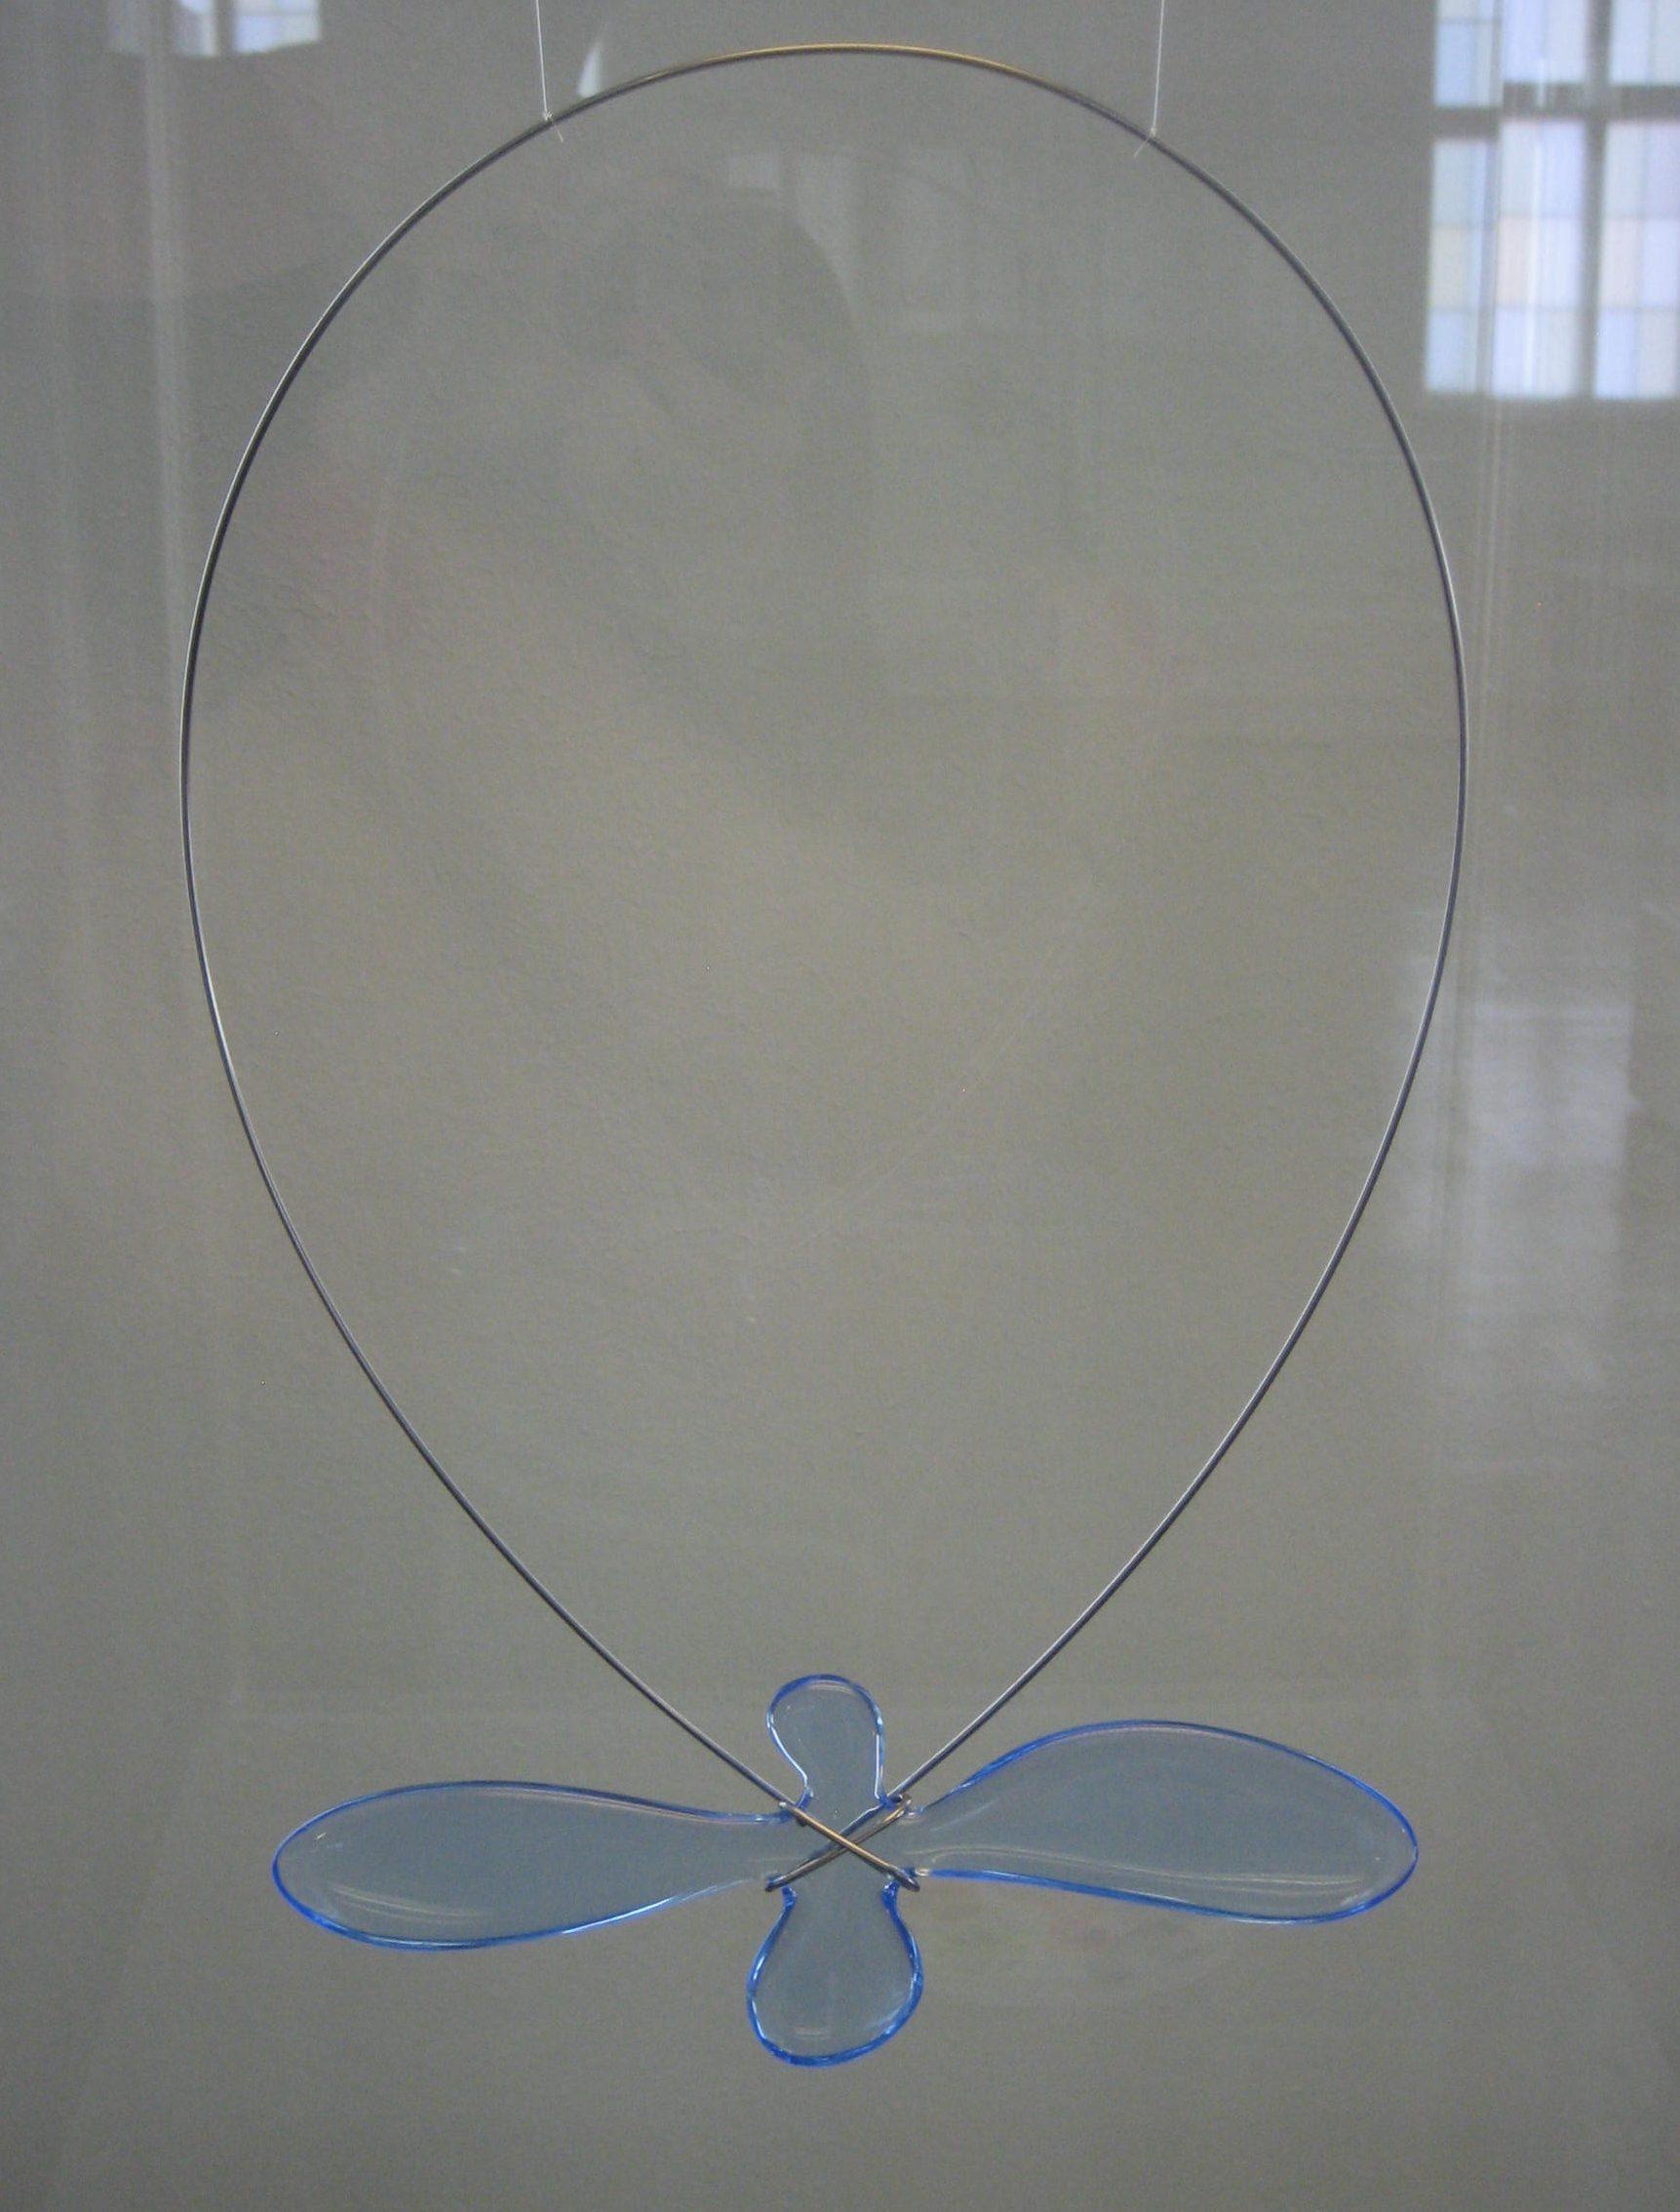 Paul Derrez, halssieraad, 1999. Collectie Bollmann, kunststof, koord